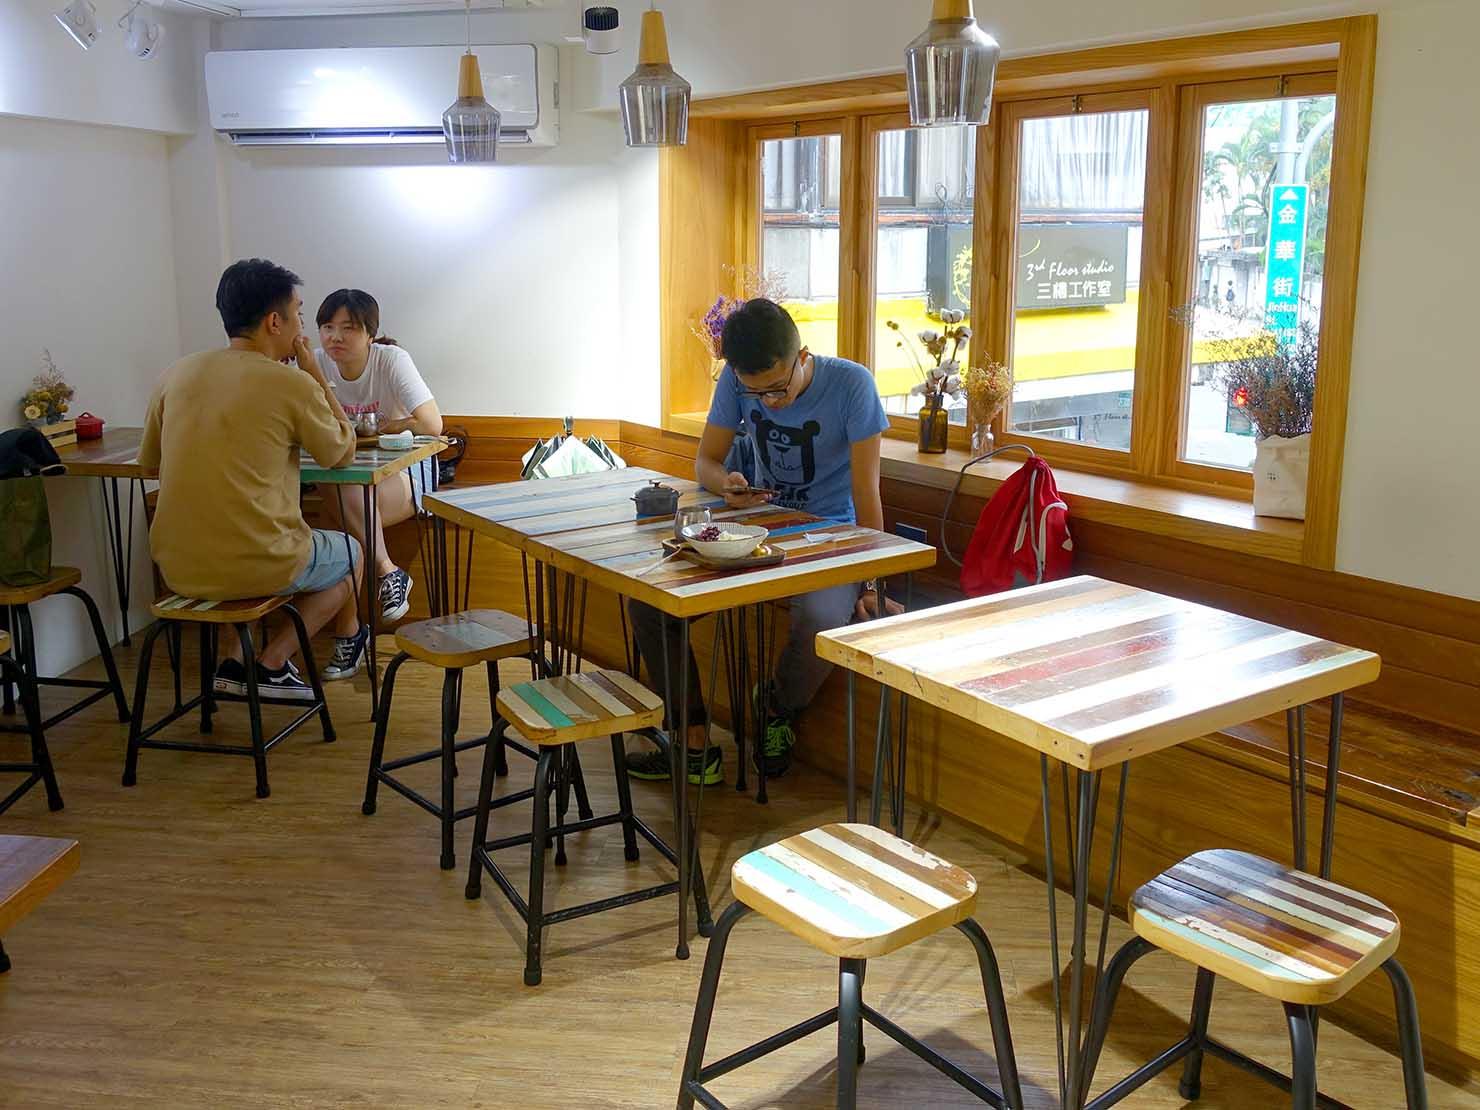 台北・永康街の豆花がいただけるお店「二吉軒豆乳」の店内